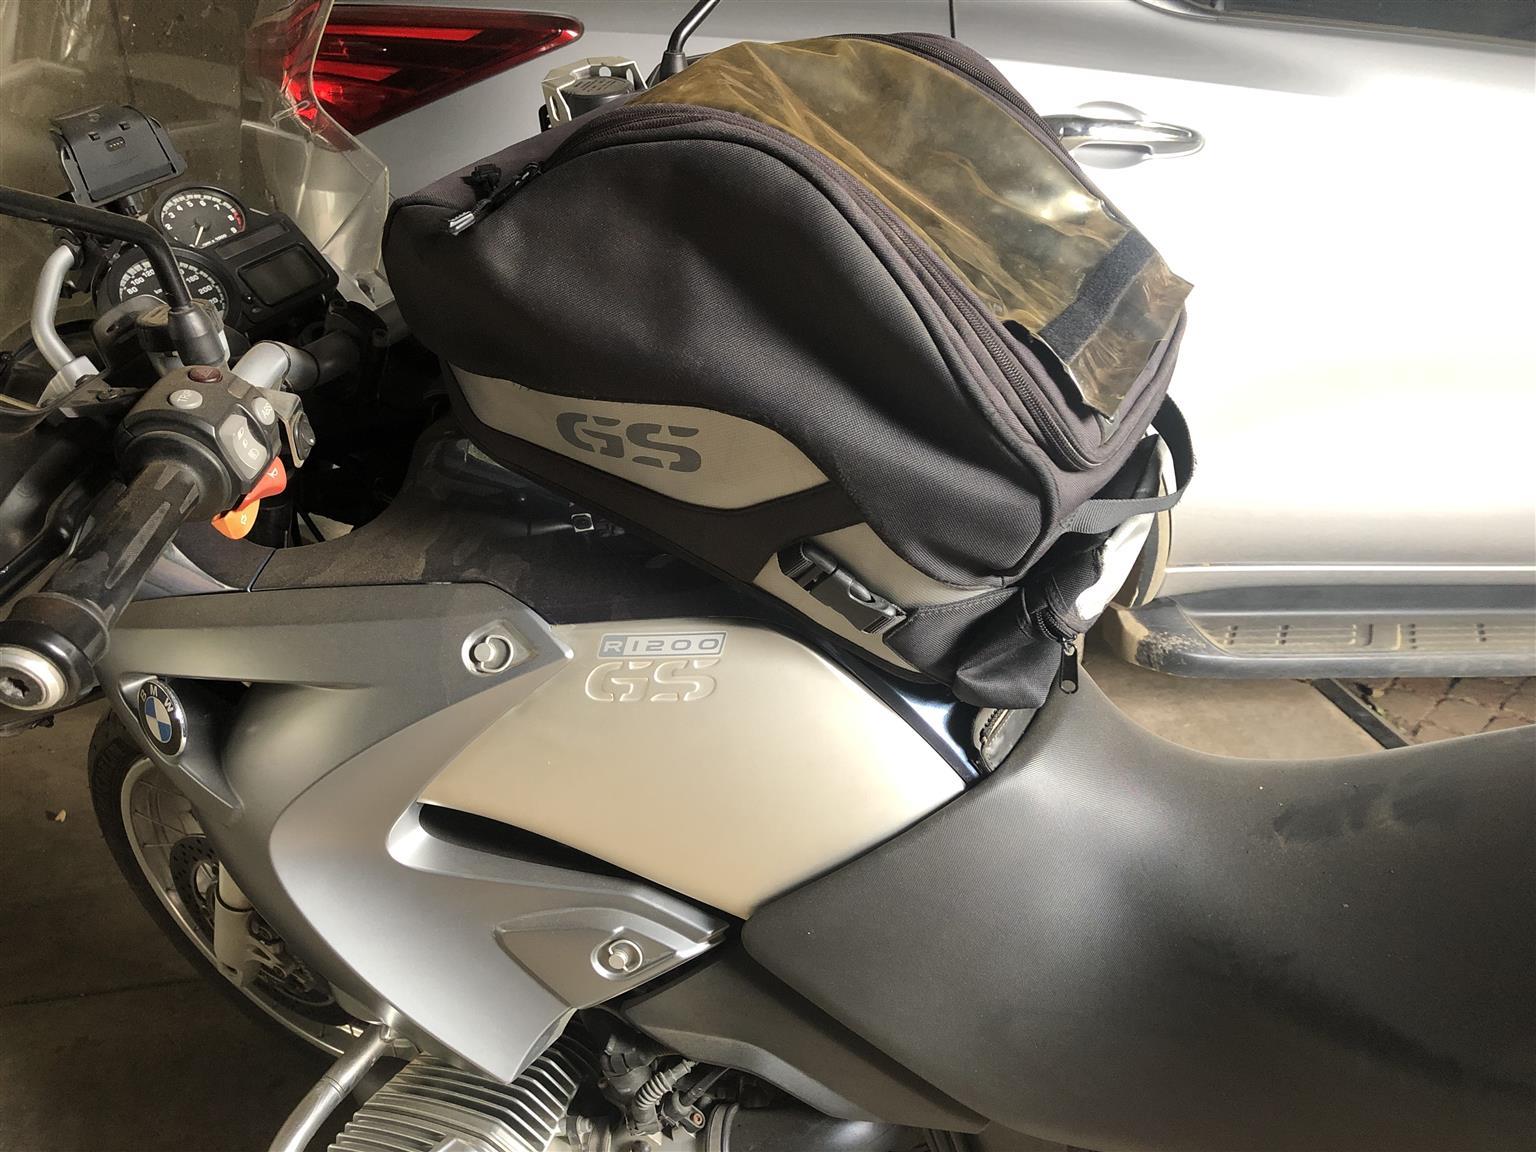 BMW 1200 GS tank bag